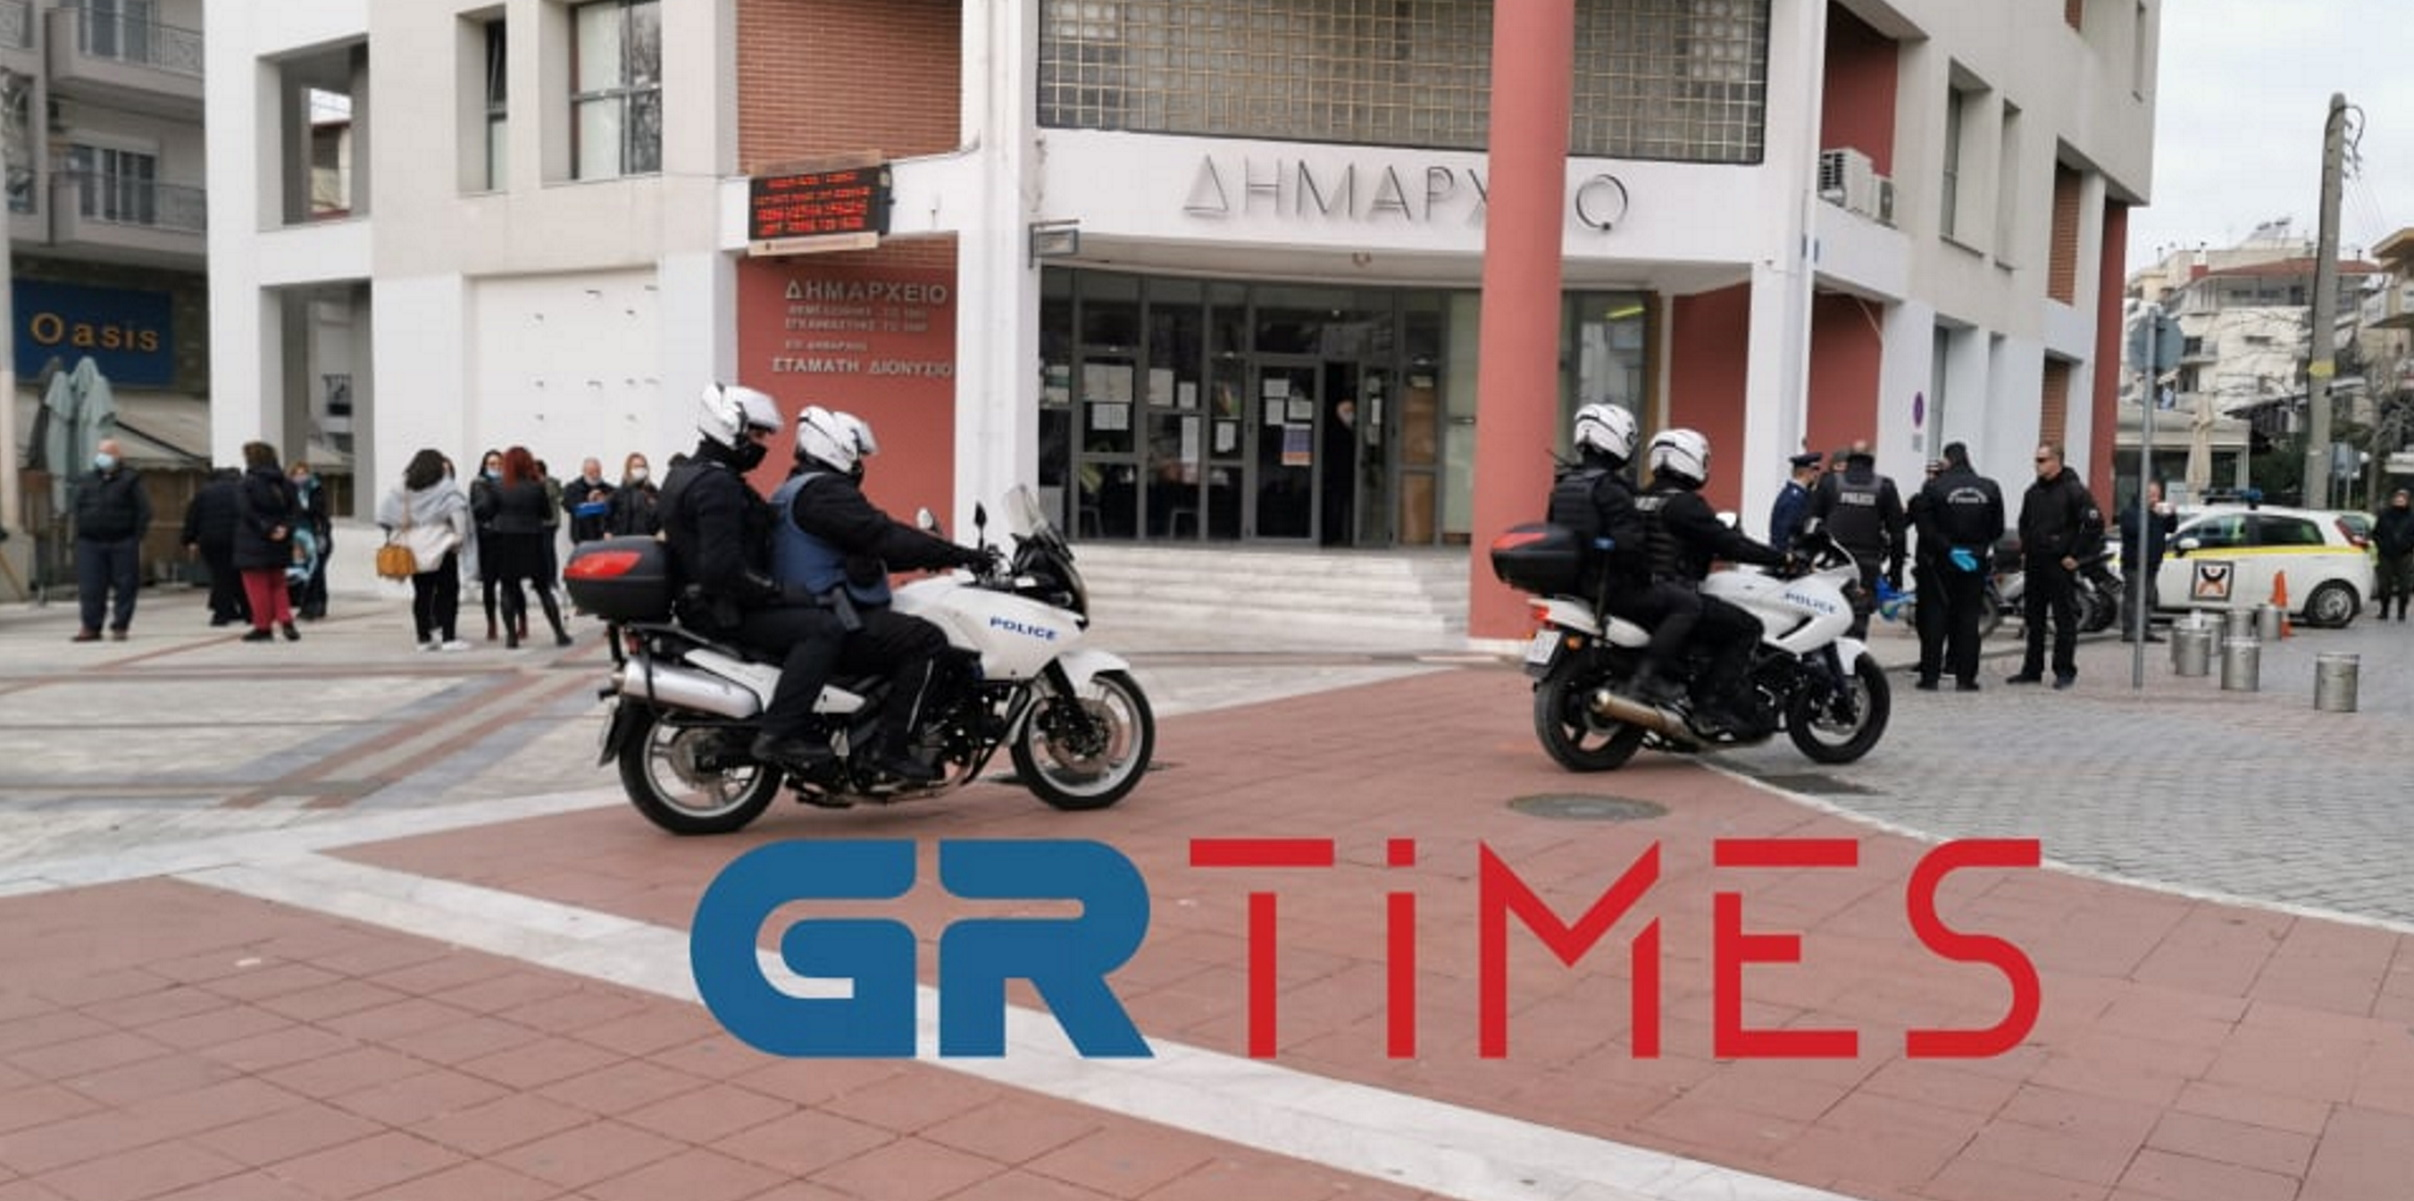 Lockdown – Εύοσμος: Μπλόκα της αστυνομίας, αντιδράσεις και αλαλούμ (pics, video)